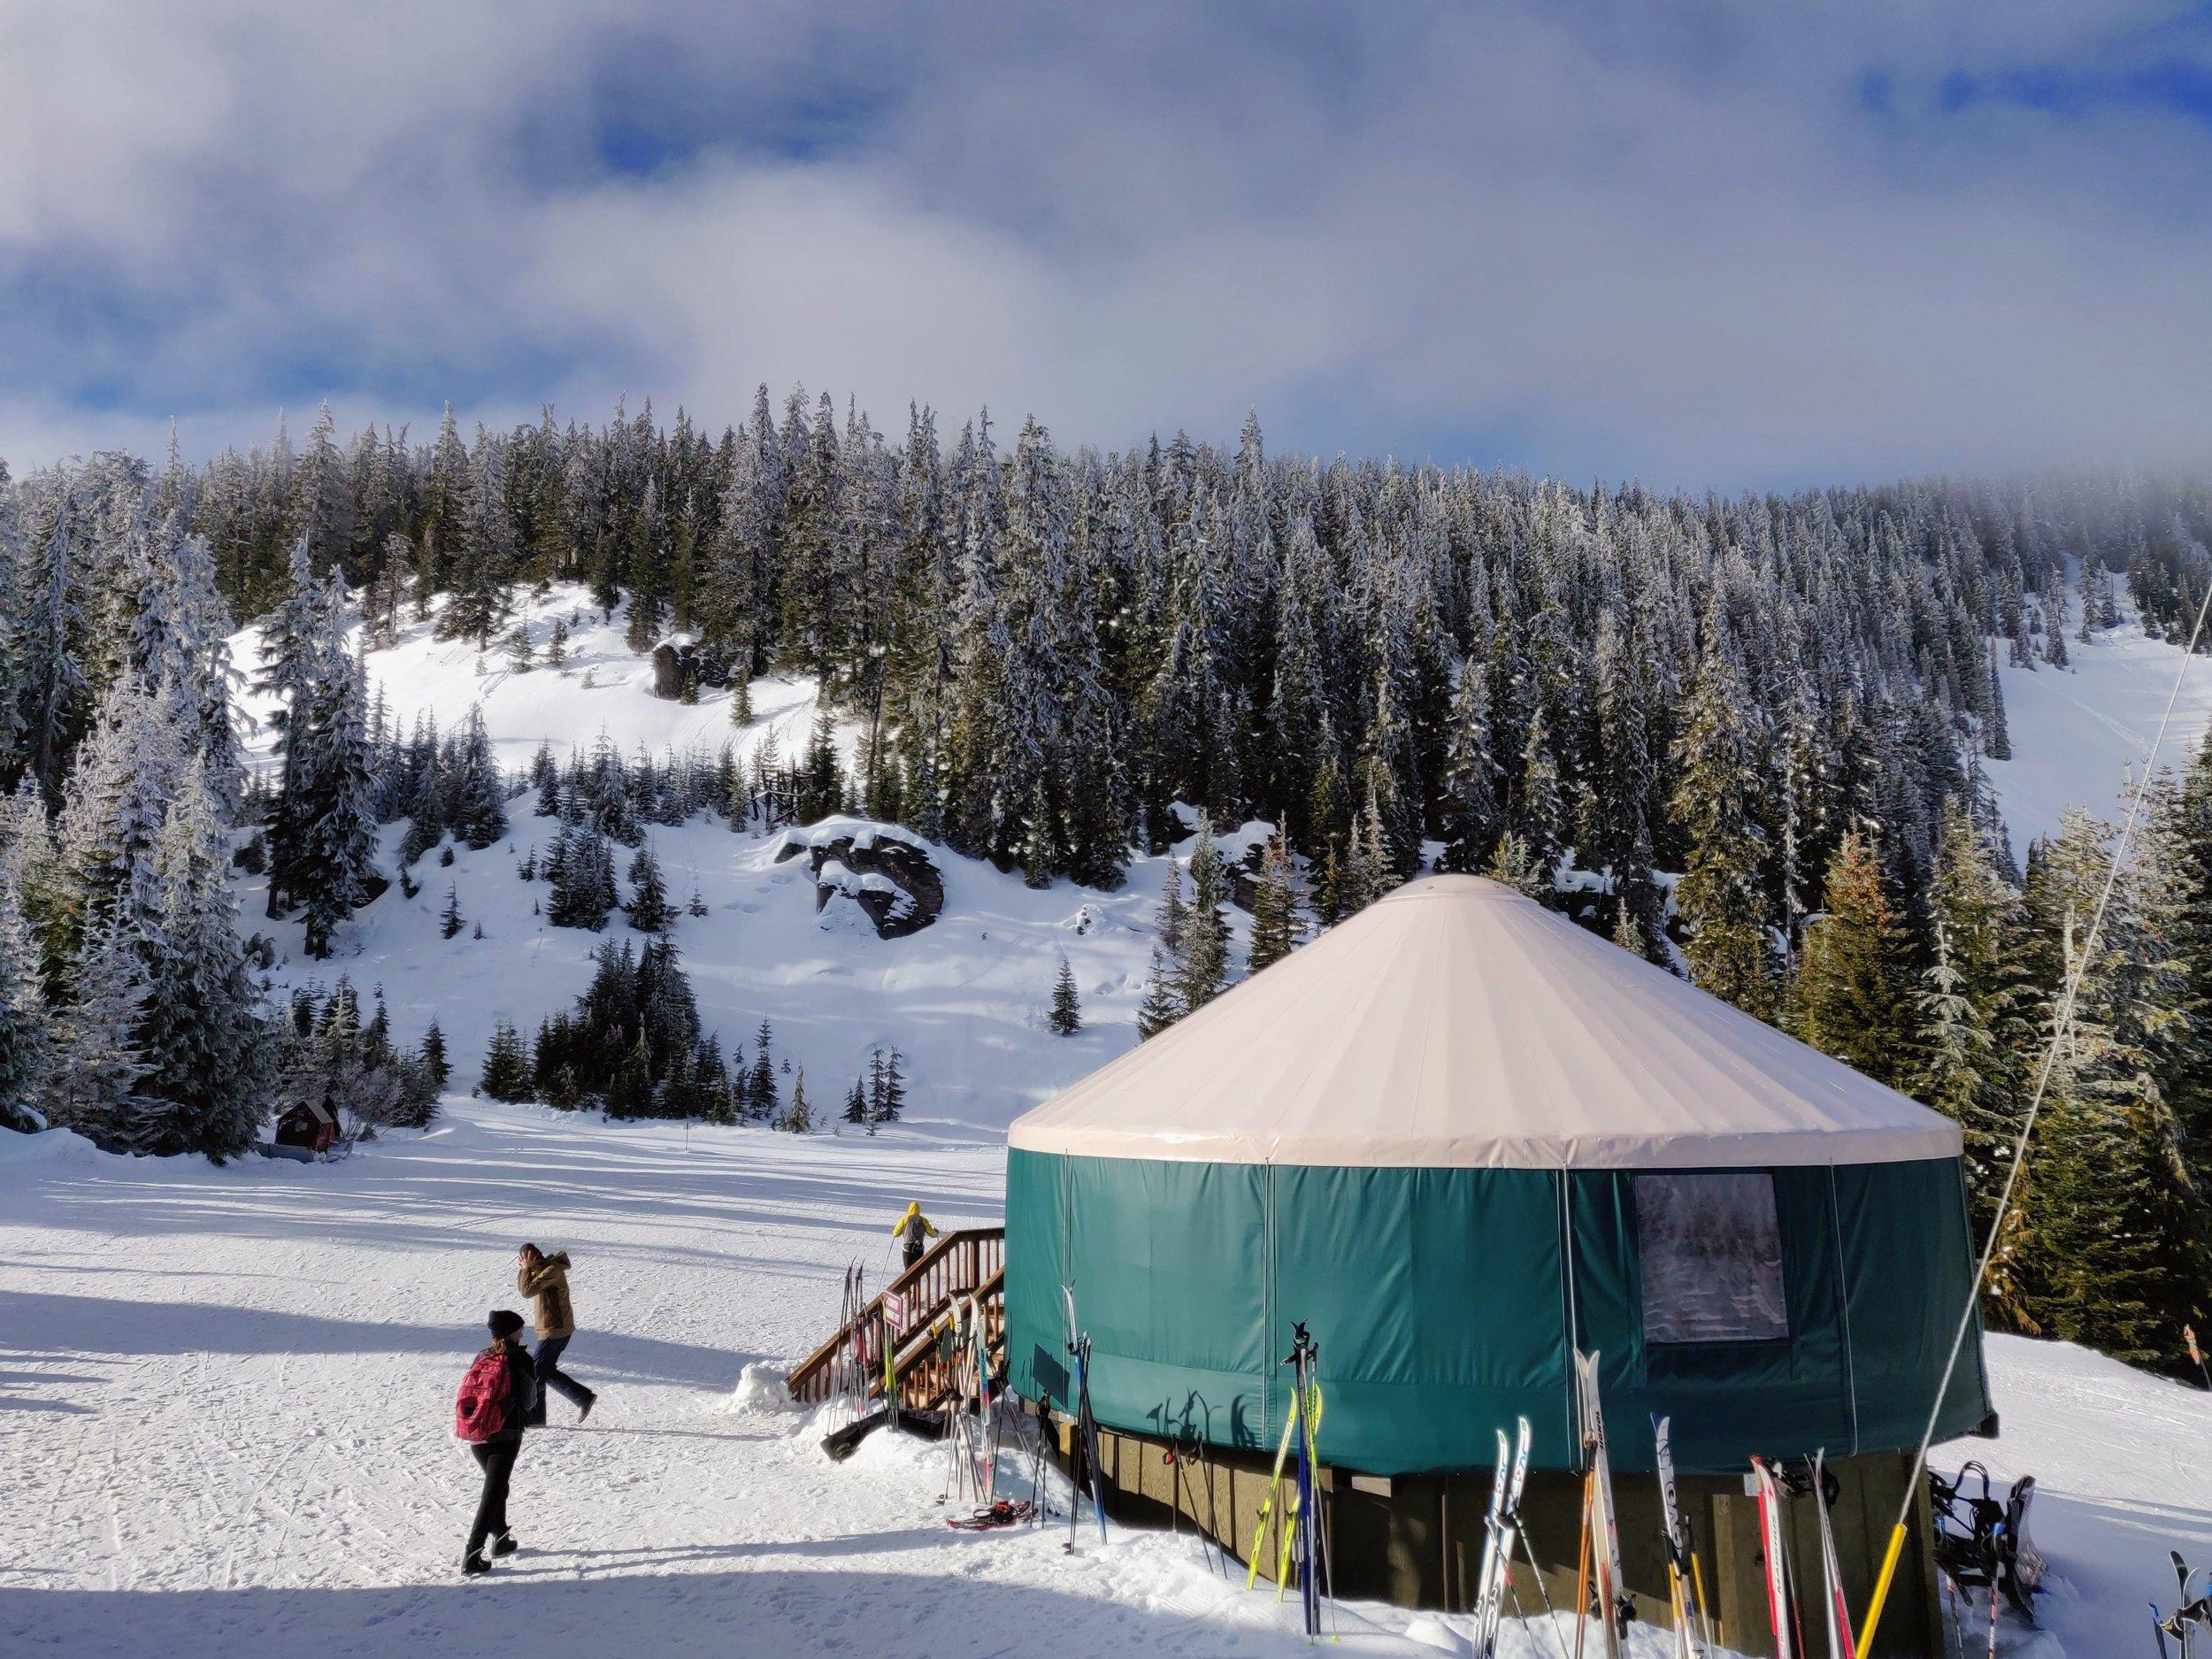 Nordic Center Yurt